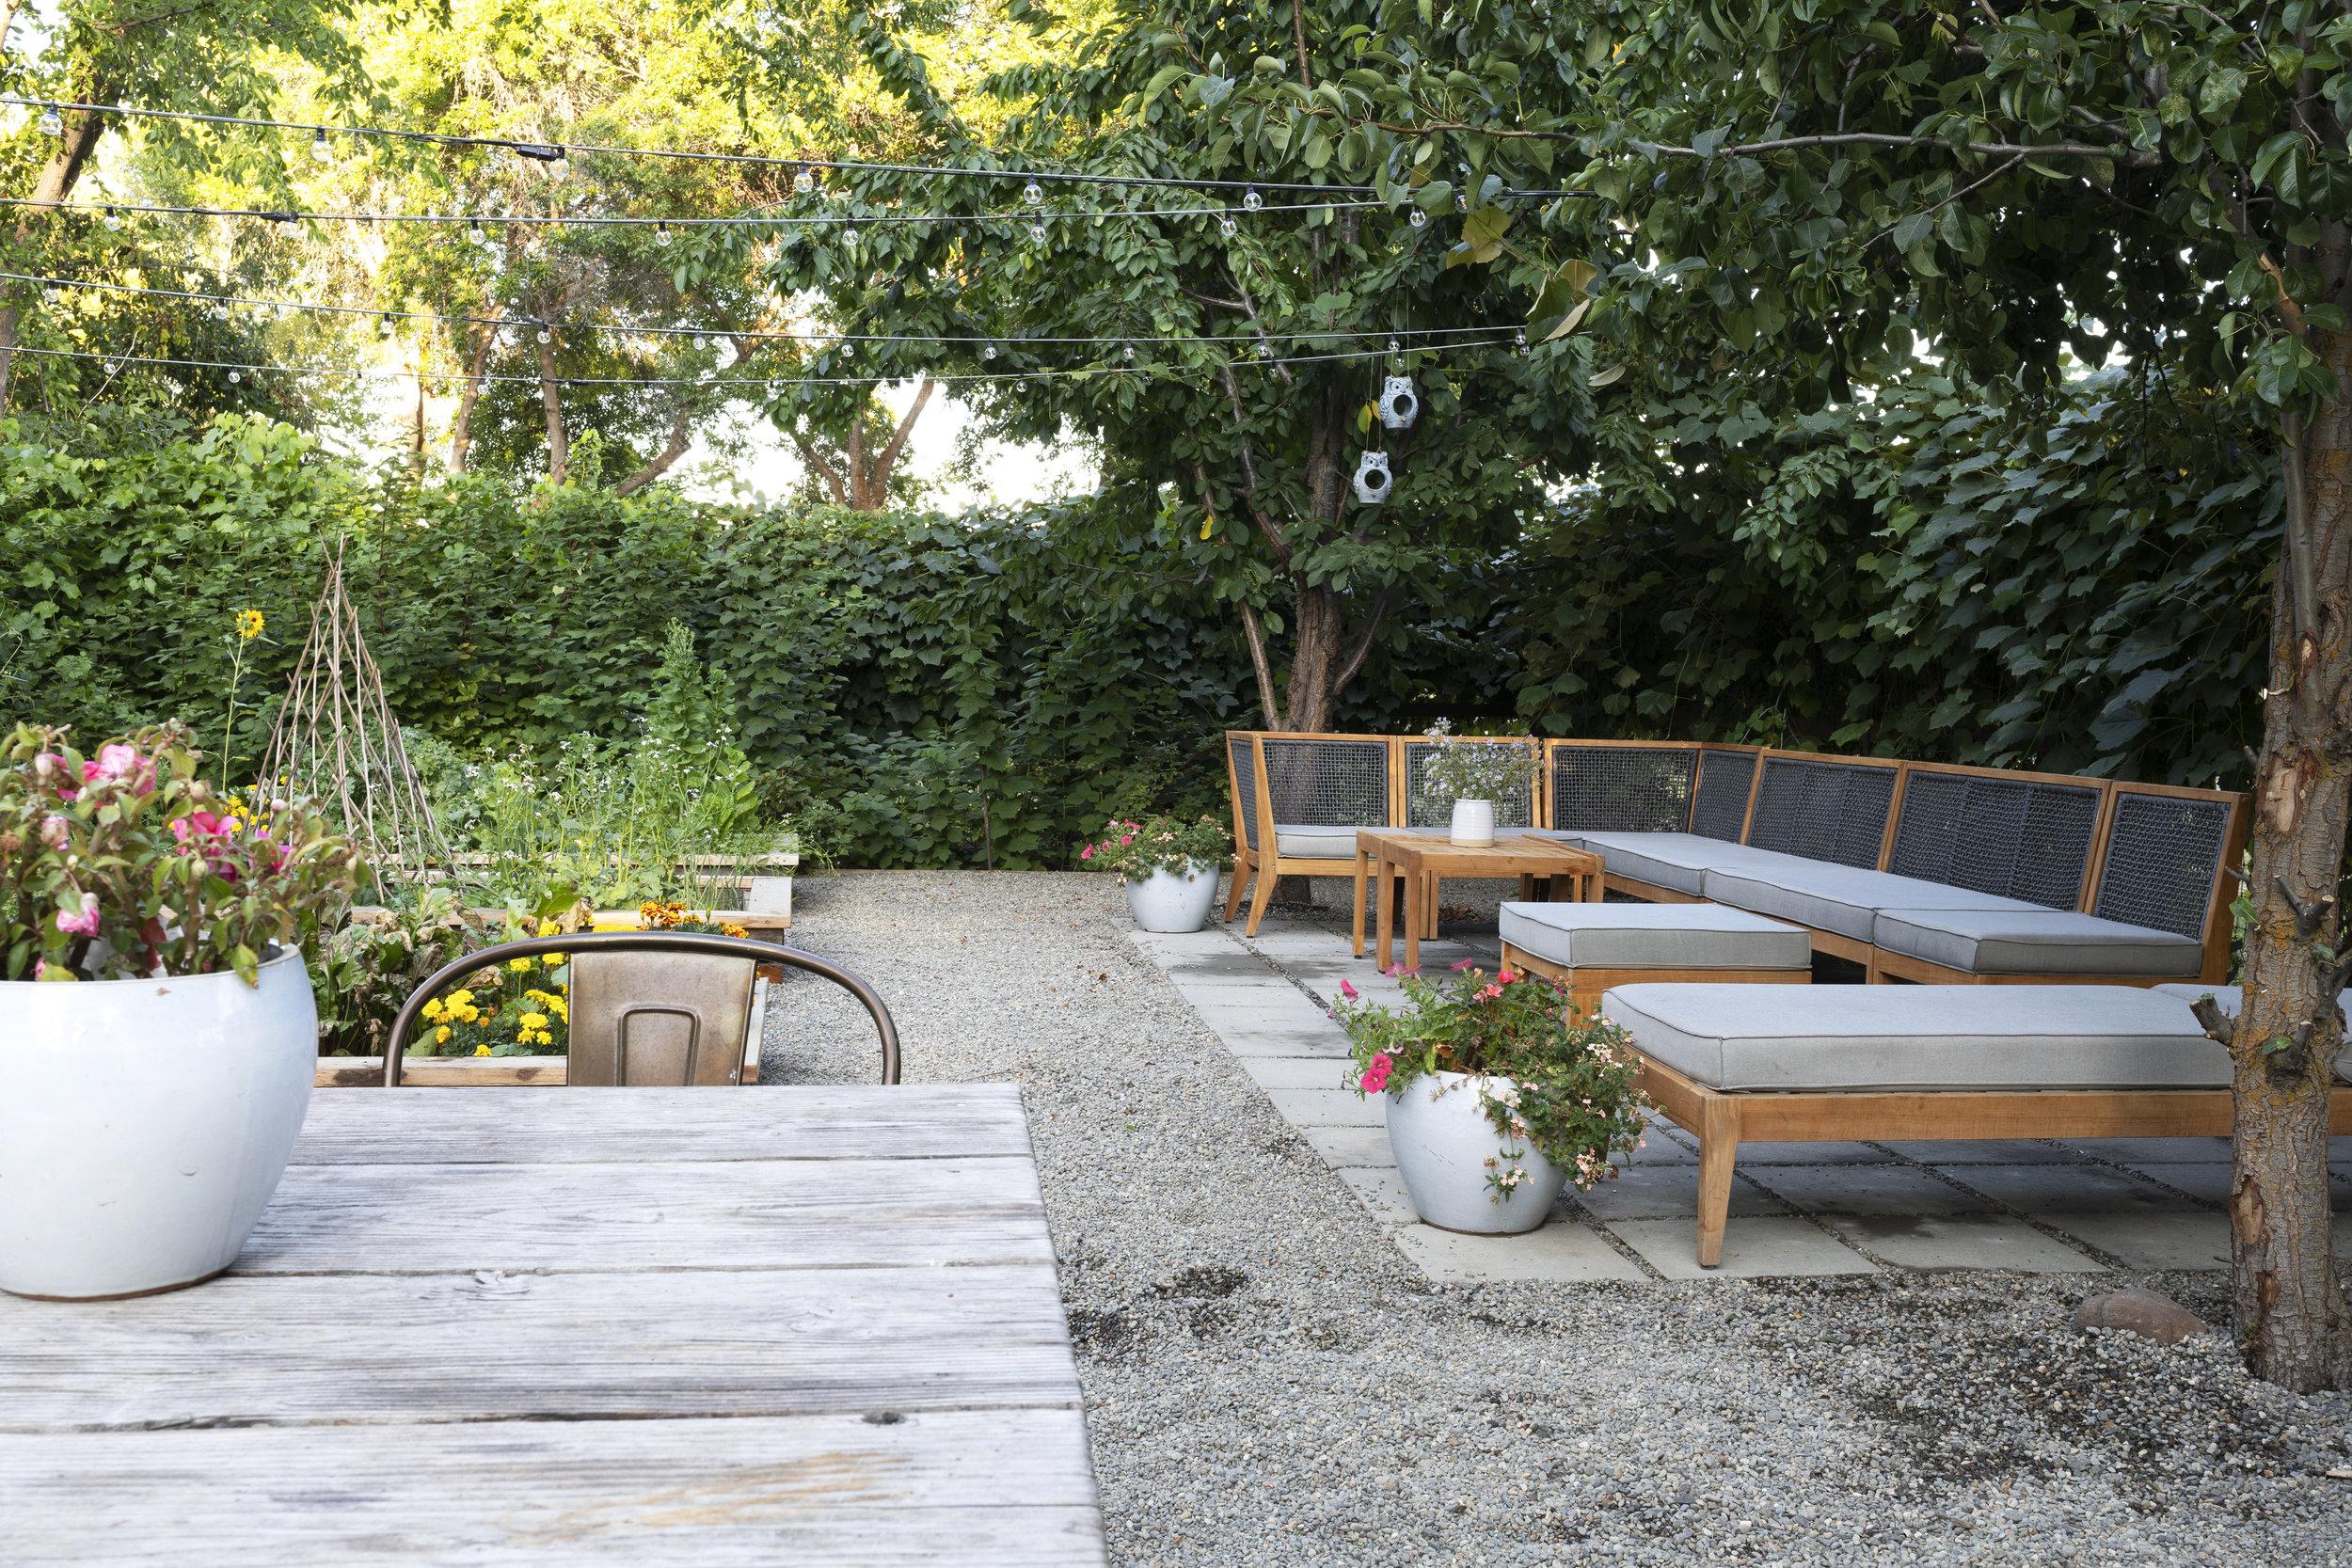 The Grit and Polish - Farmhouse Garden Patio Table + Plants 2.jpg